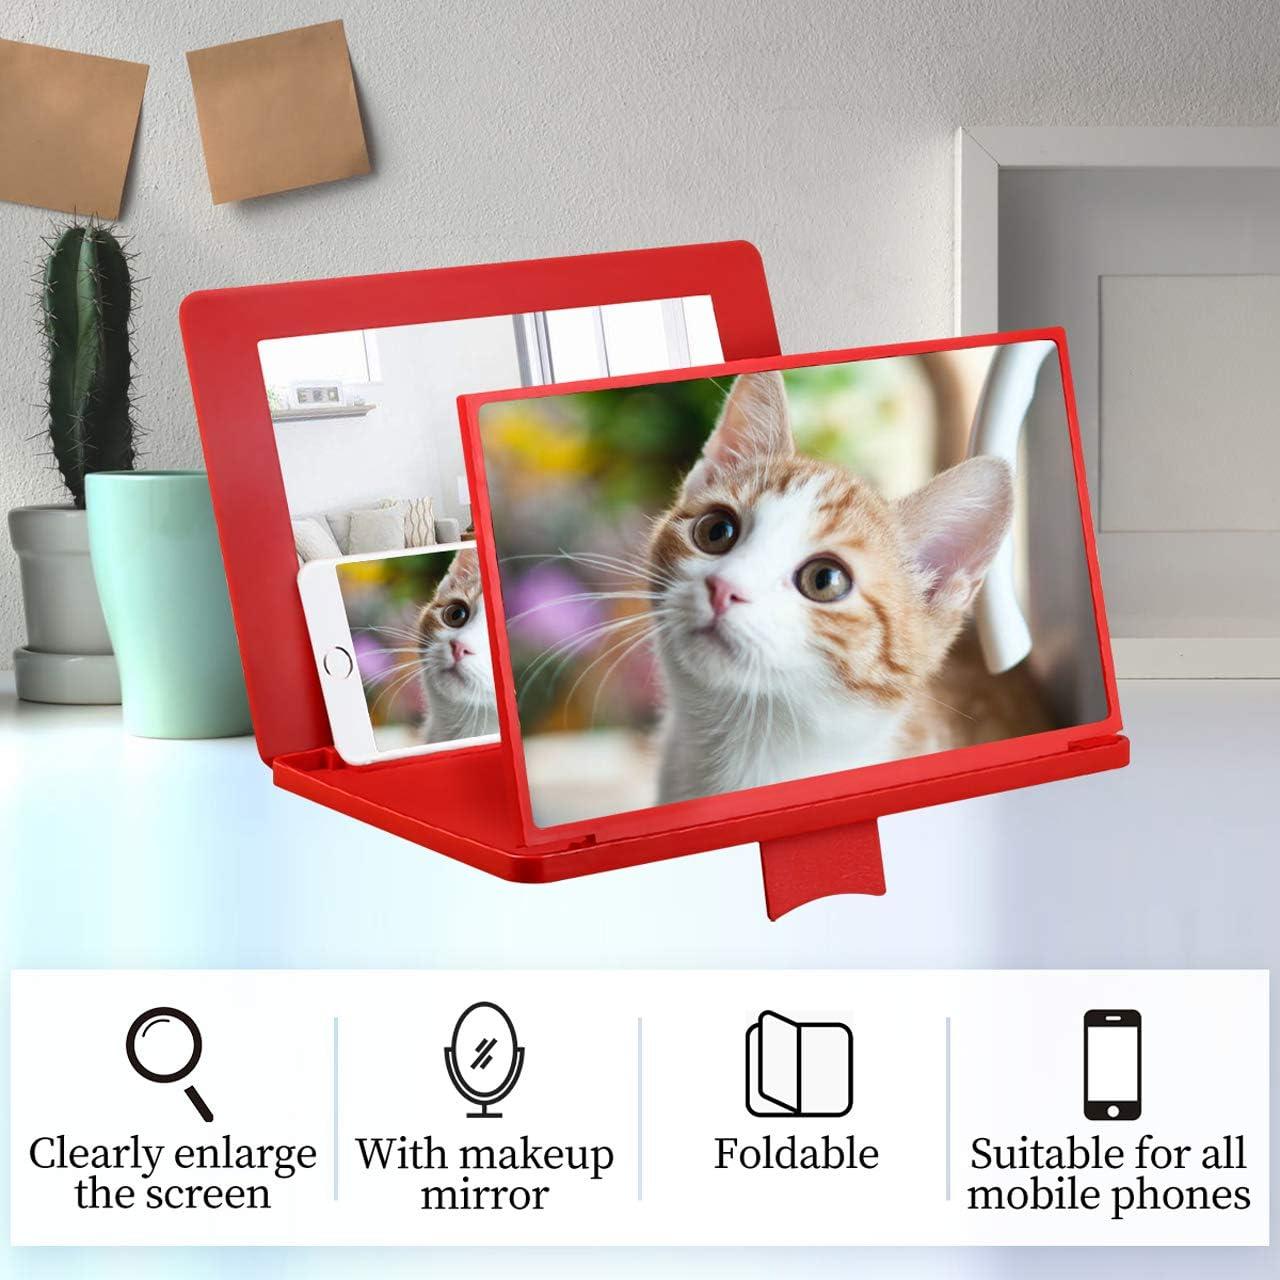 Negro KwuLee 12 HD Lupa de Pantalla del Tel/éfono Soporte Plegable para Tel/éfonos M/óviles con Amplificador de Pantallas 6D para Smartphone Proyector de Pantalla de Video de Pel/ícula Ampliada